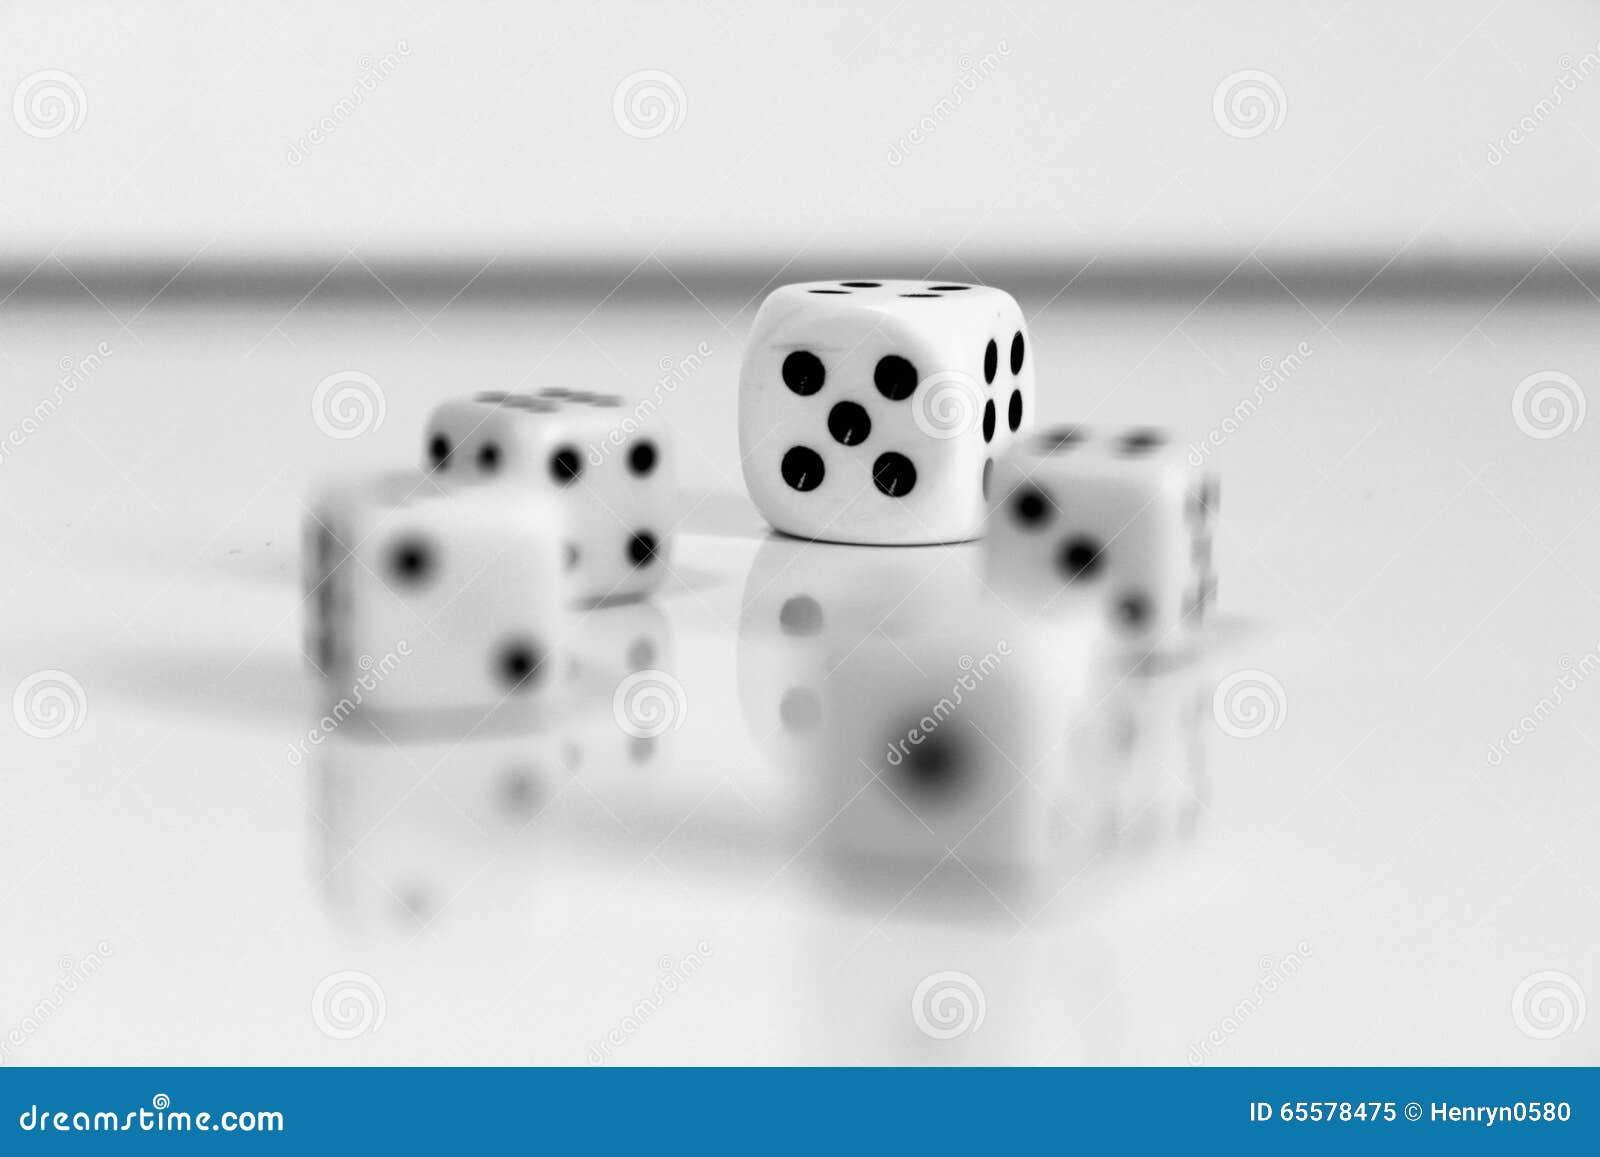 Jogos pretos brancos do jogo do número aleatório dos dados